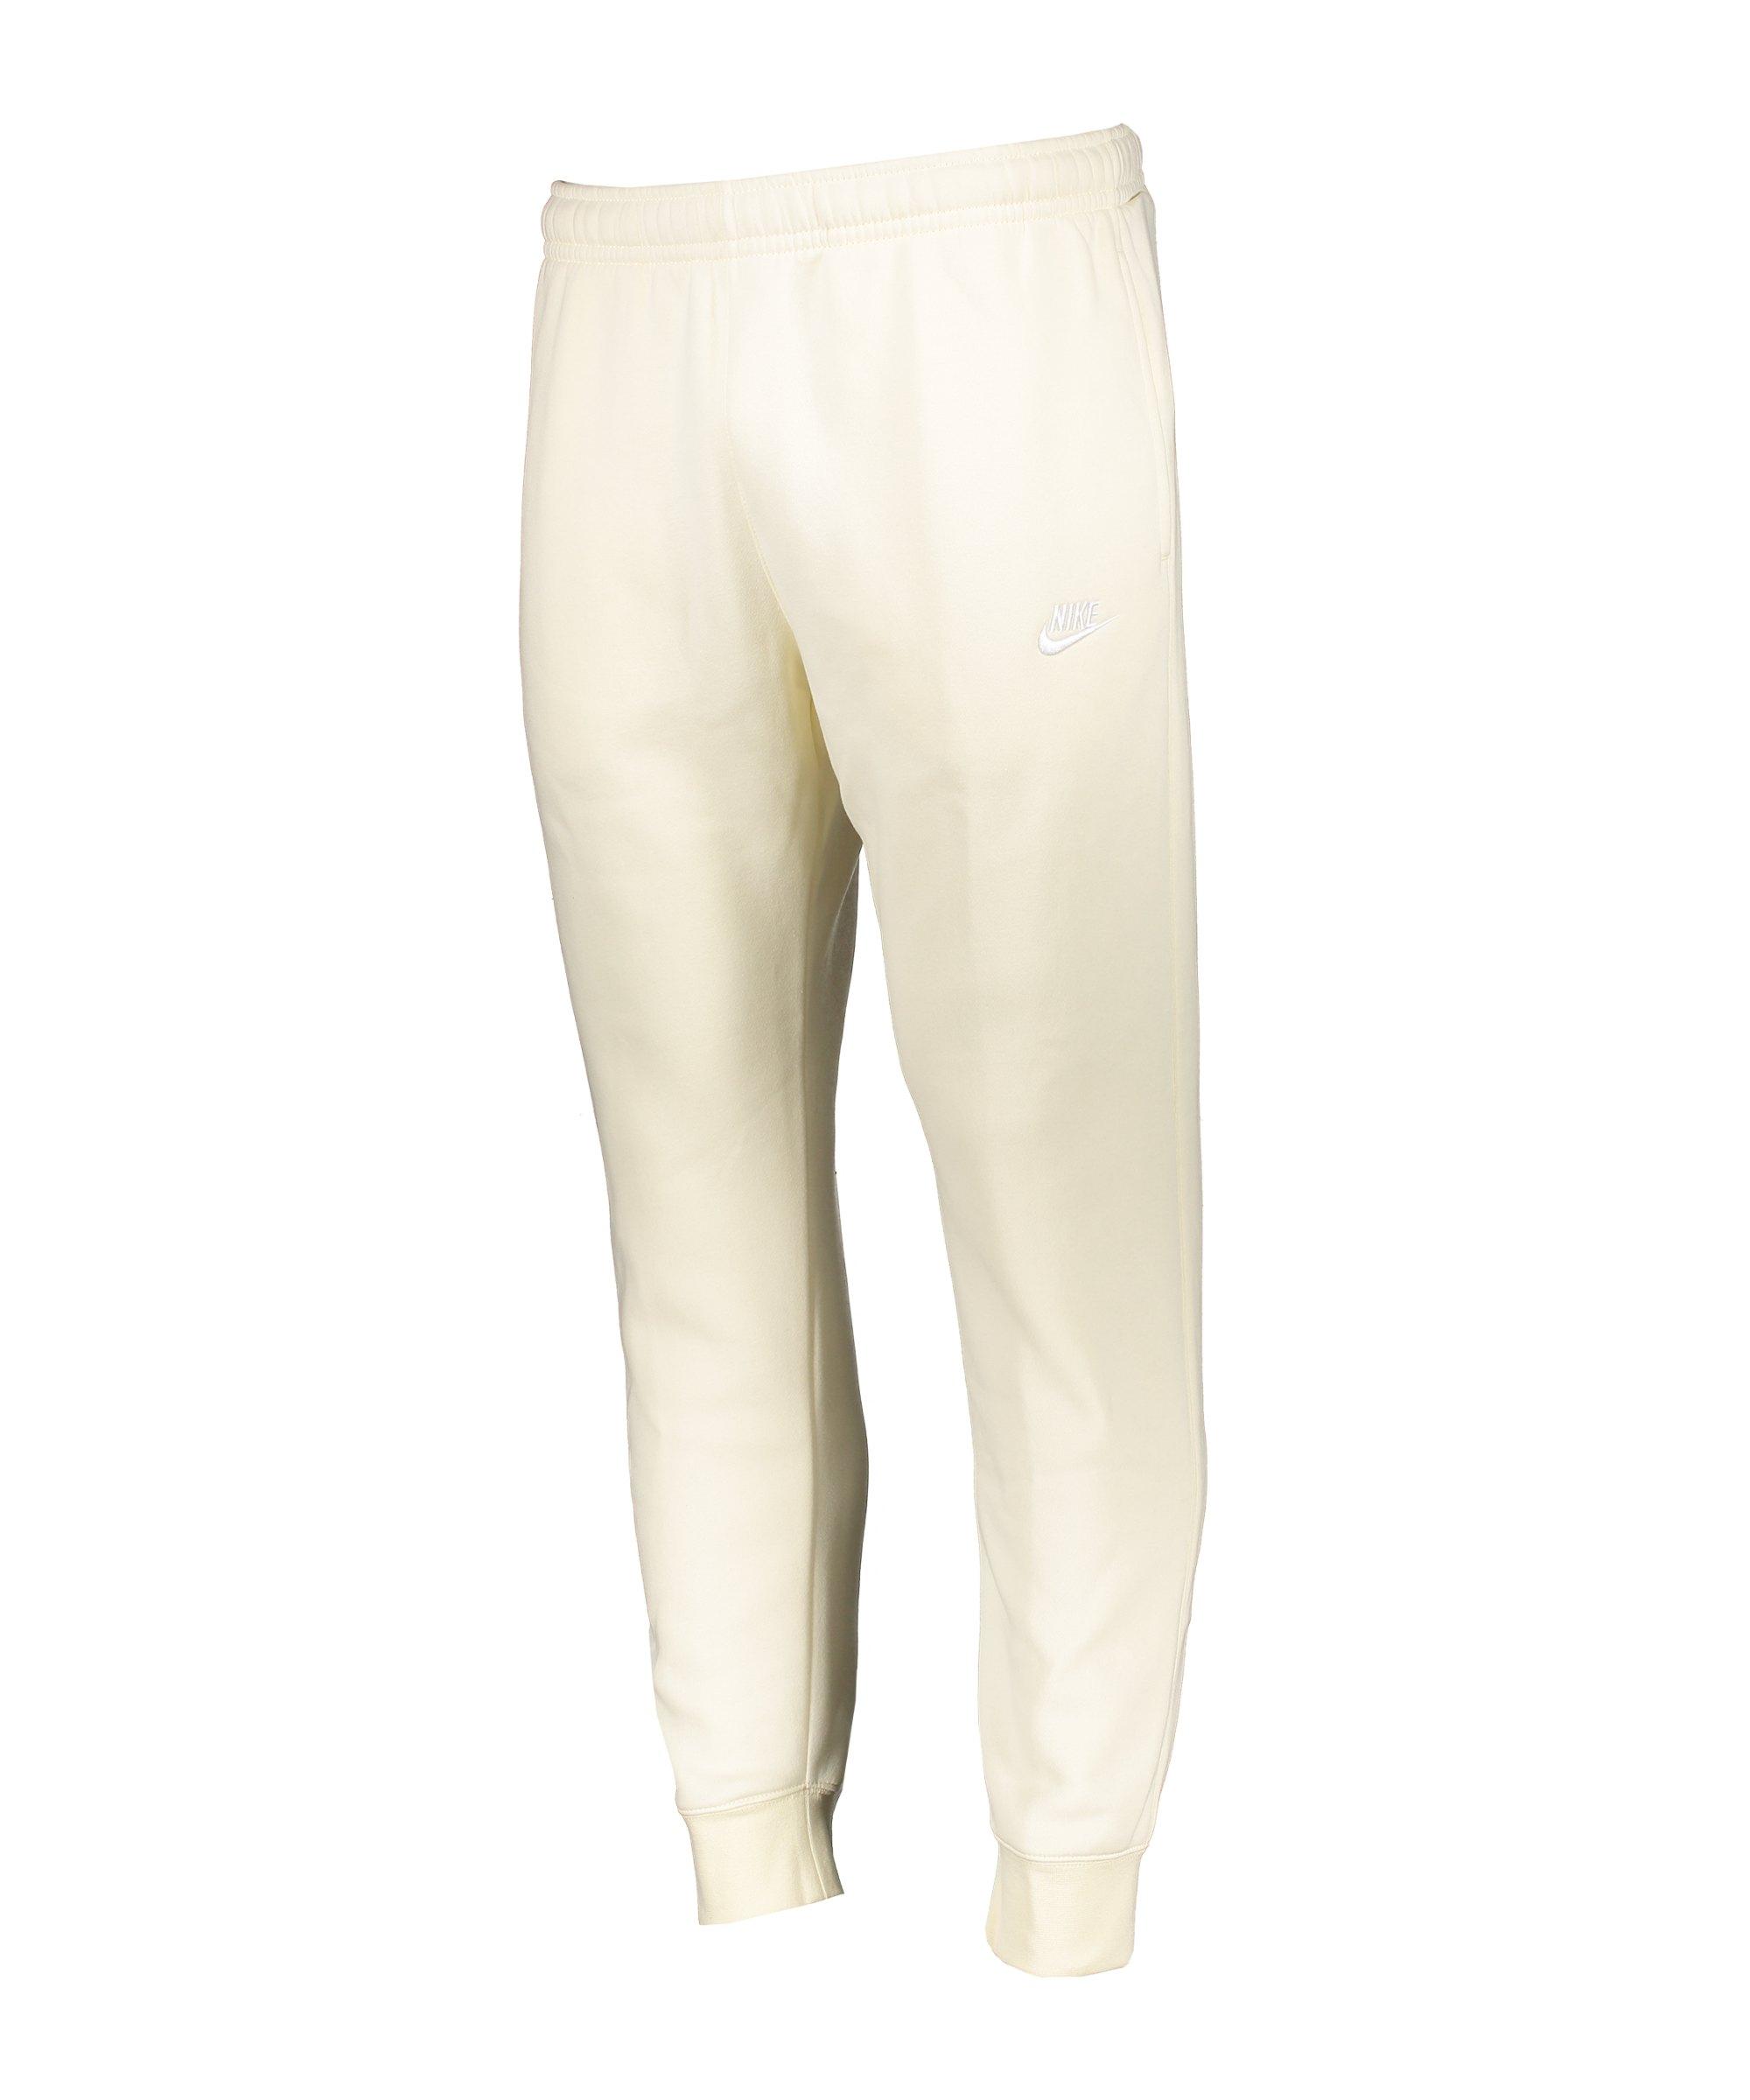 Nike Club Fleece Jogginghose Beige Weiss F113 - beige